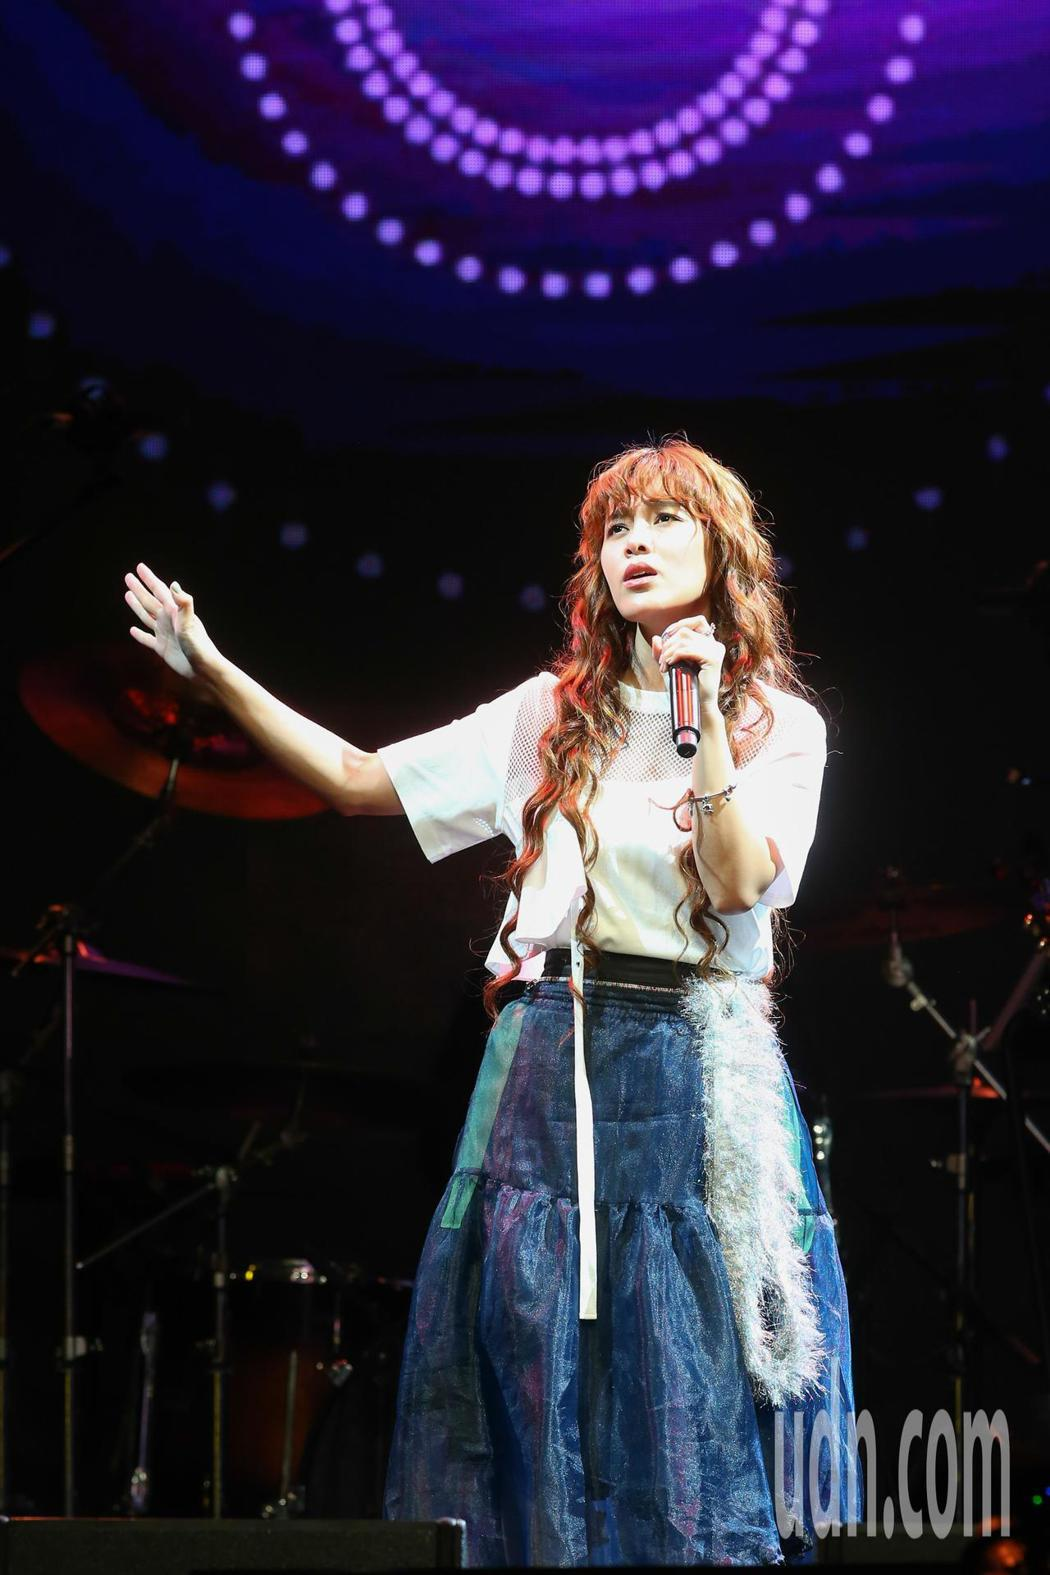 李佳歡今天在台北舉辦「赴約-李佳歡 開放世界」演唱會。記者葉信菉/攝影